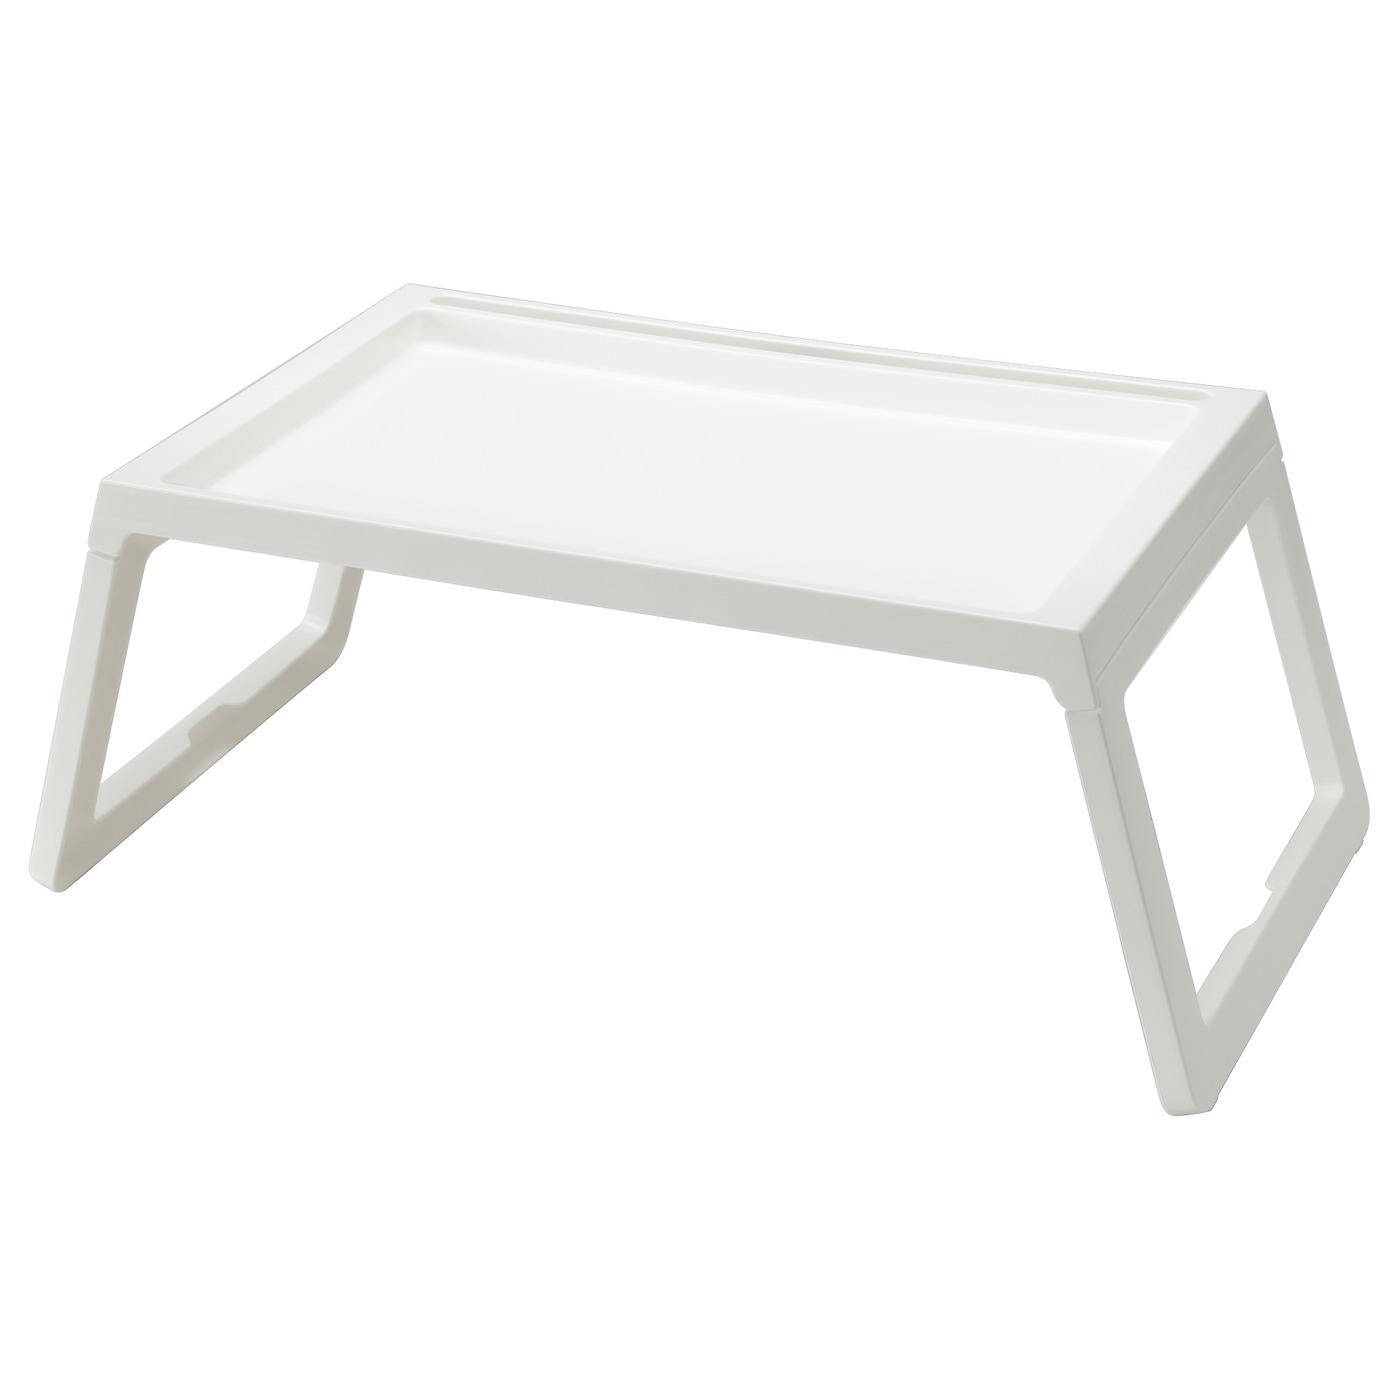 - KLIPSK Bed Tray - White - IKEA